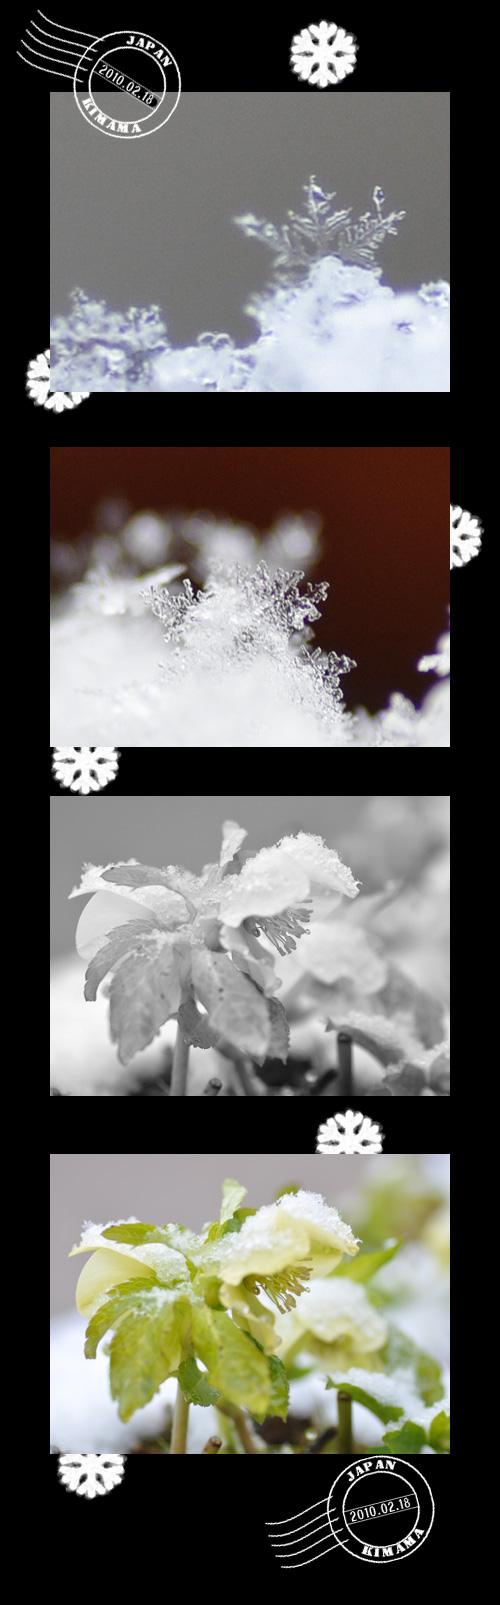 2月20日雪